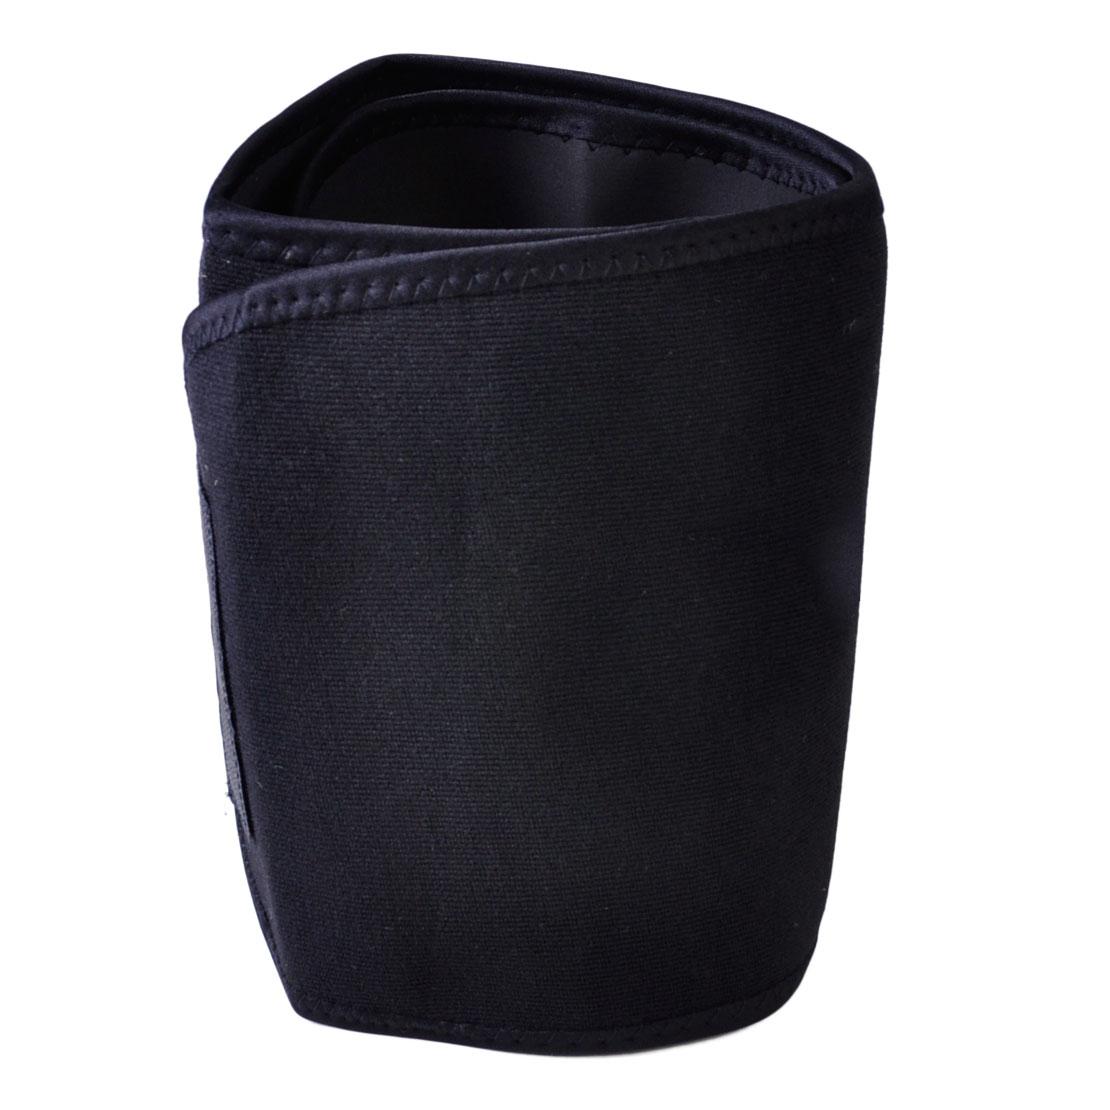 Black waist tummy trimmer slimming weight loss belt 1